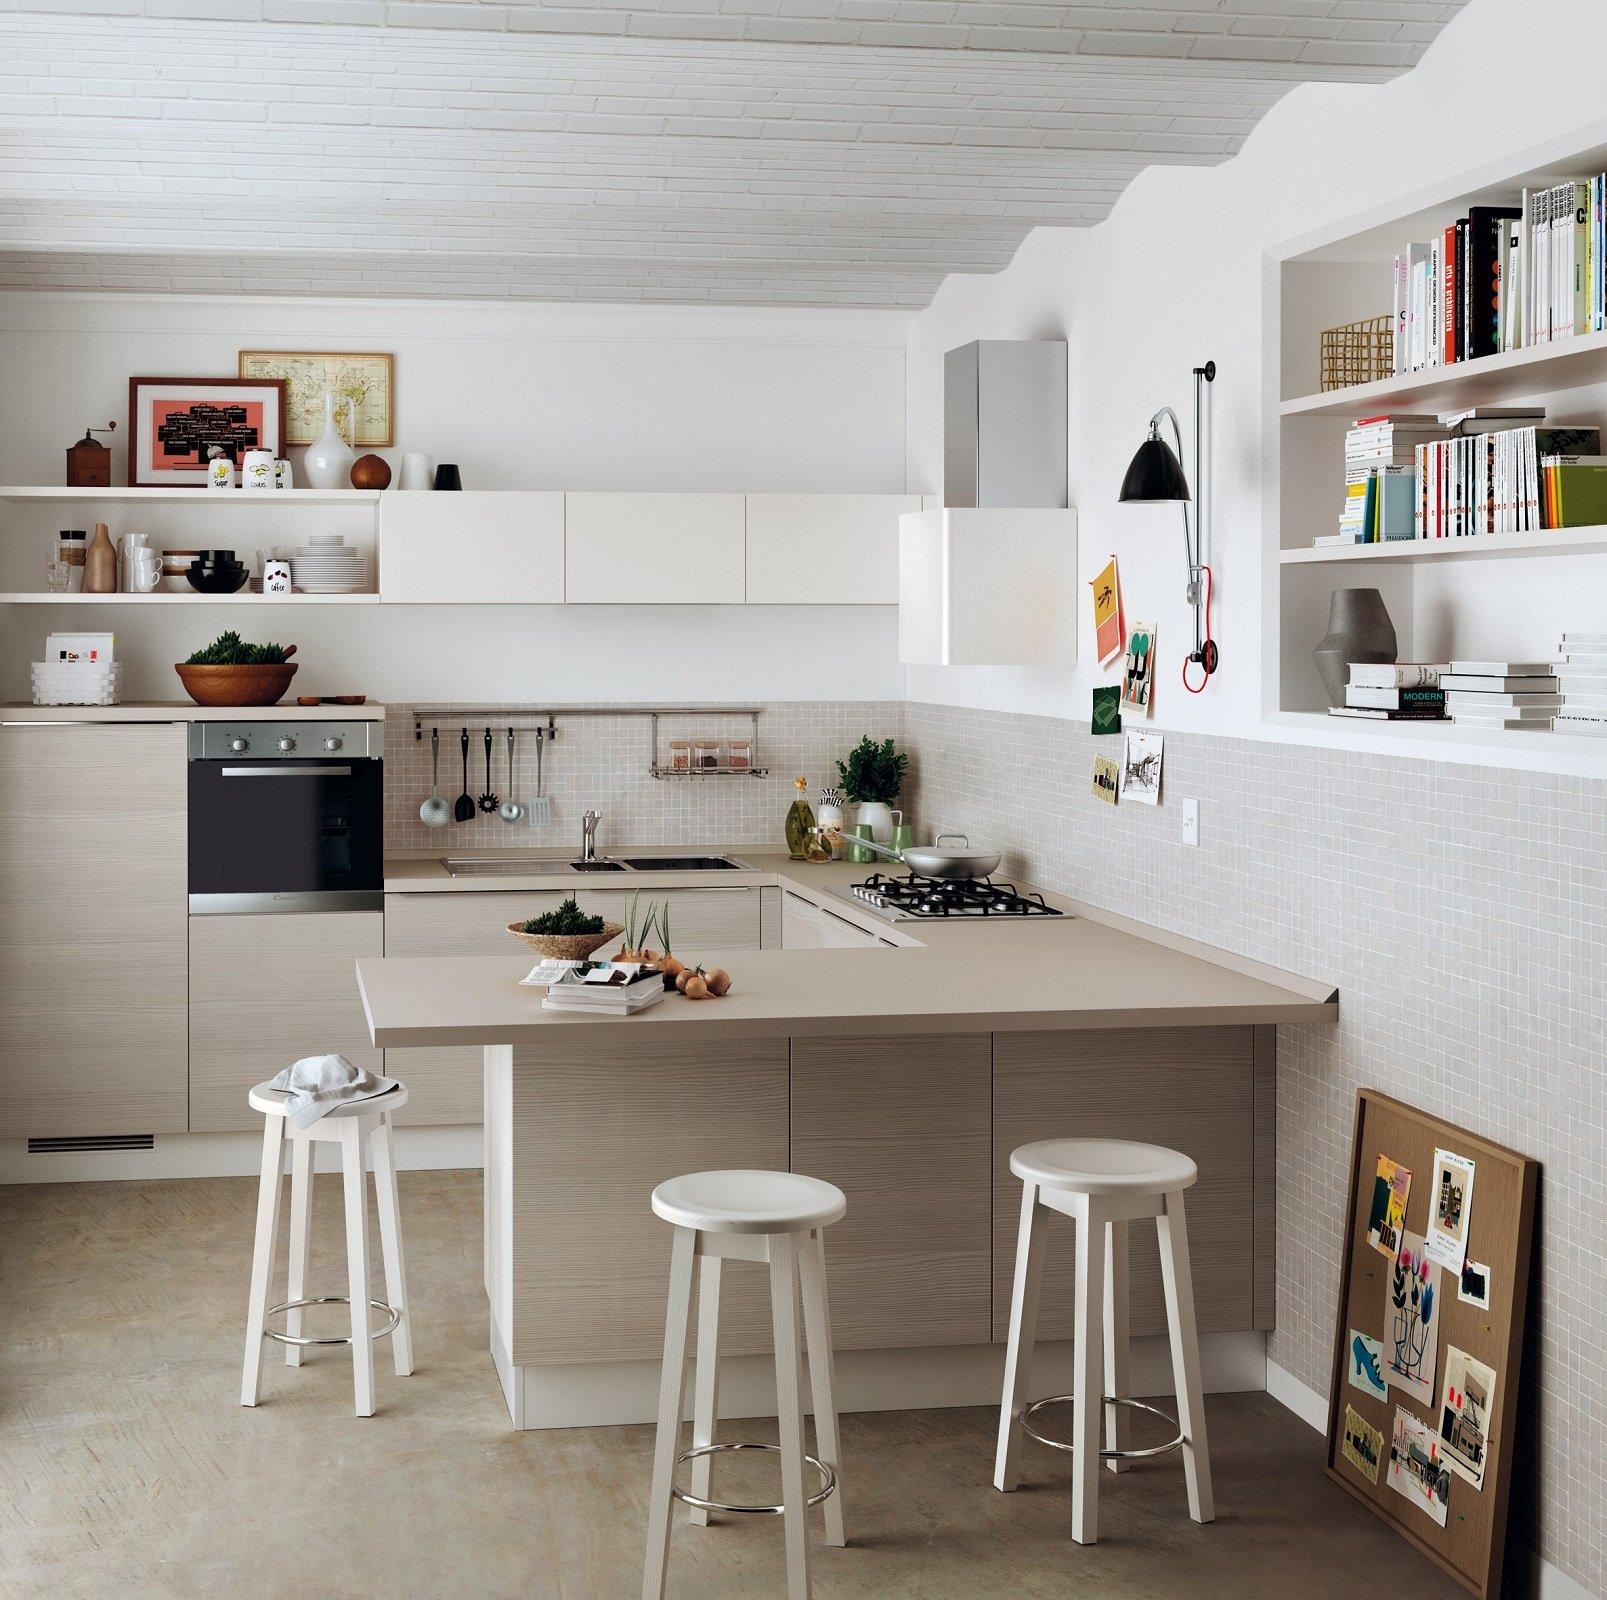 Organizzare al meglio lo spazio cucina nel sottotetto - Cose di Casa